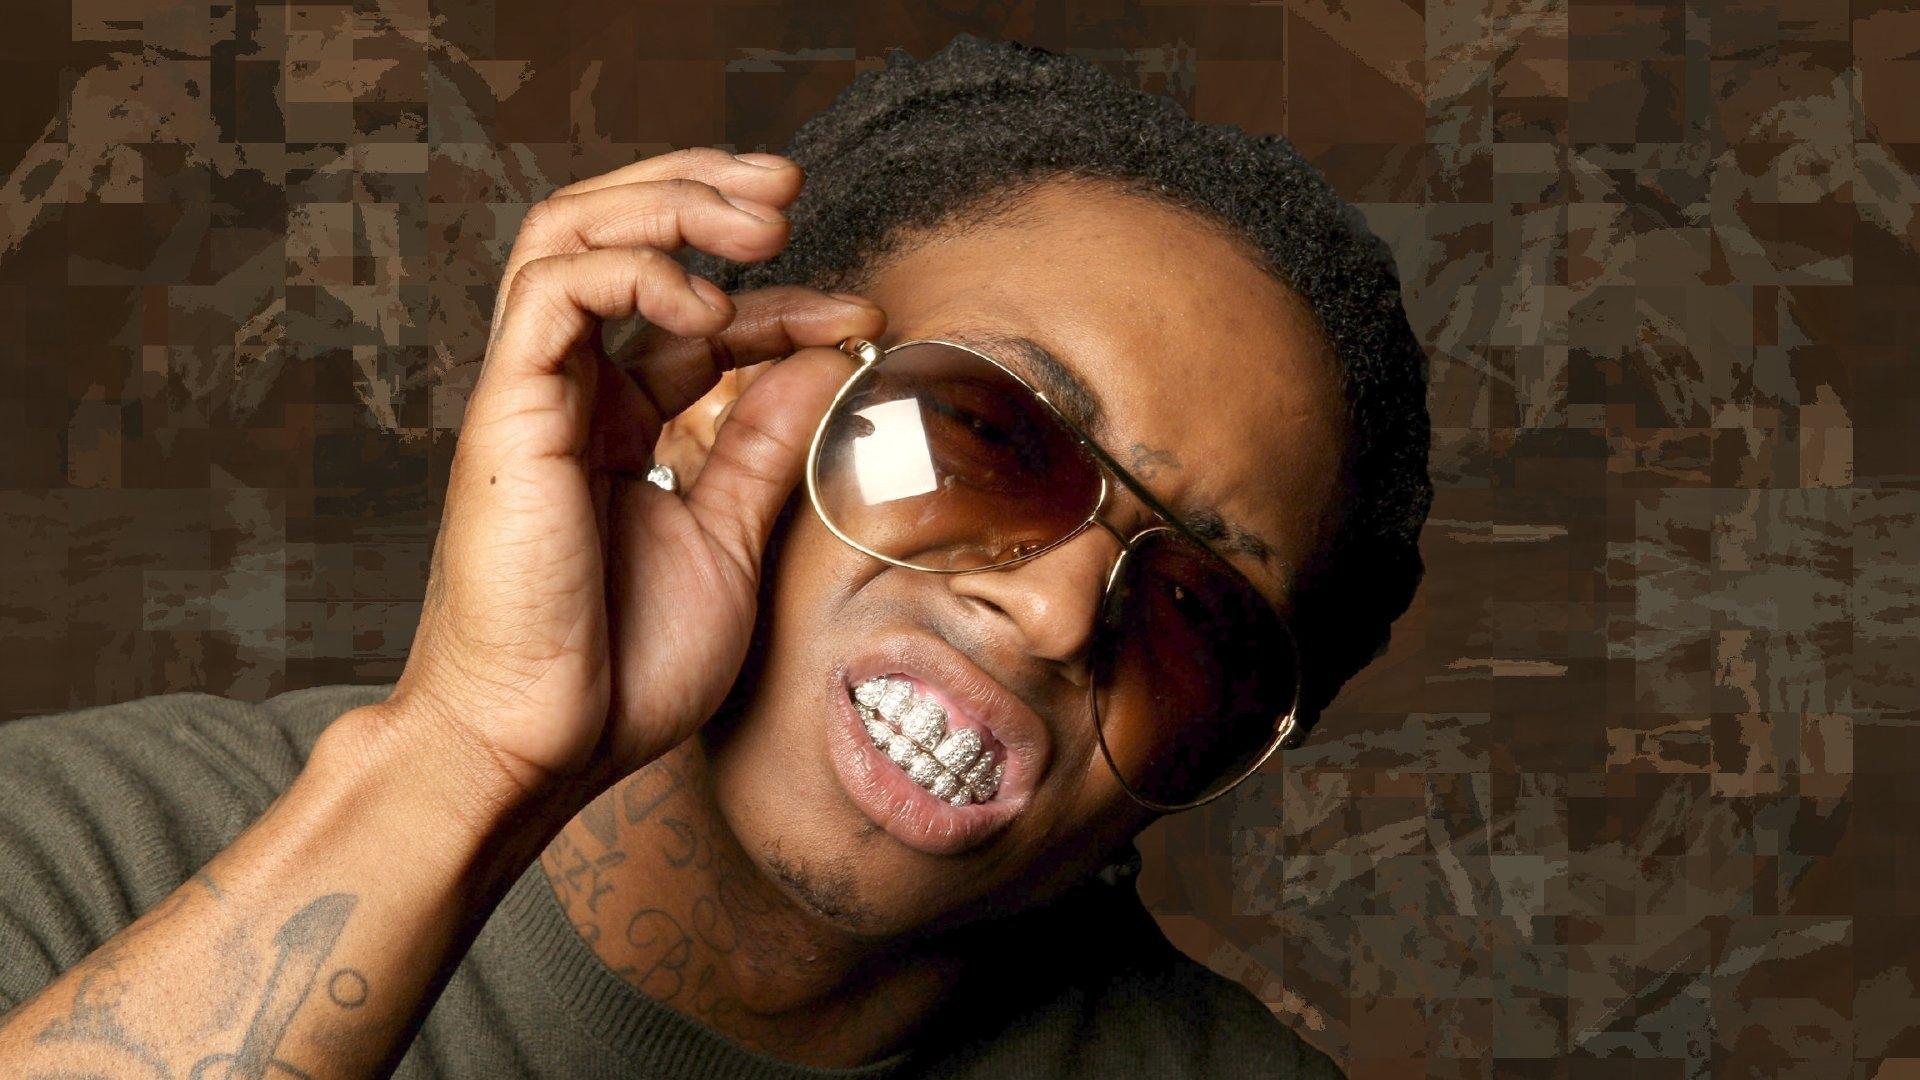 Lil Wayne 3d Wallpaper Download Wallpaper 1920x1080 Lil Wayne Man Teeth Tattoo